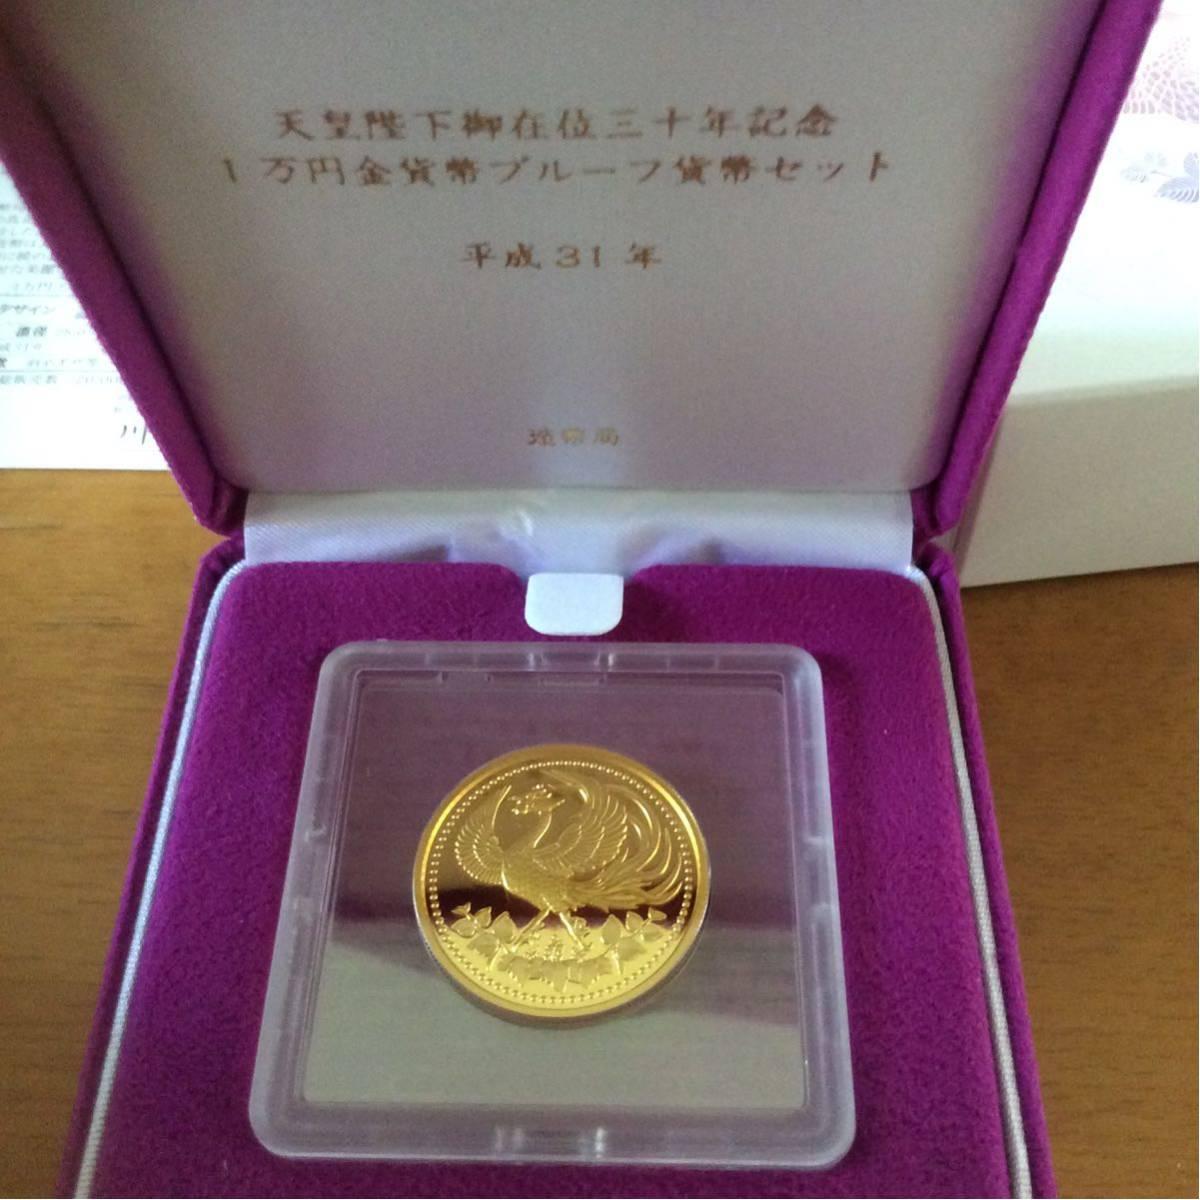 天皇陛下御在位三十年記念金貨 プルーフ貨幣金貨単体セット 一万円記念金貨_画像1